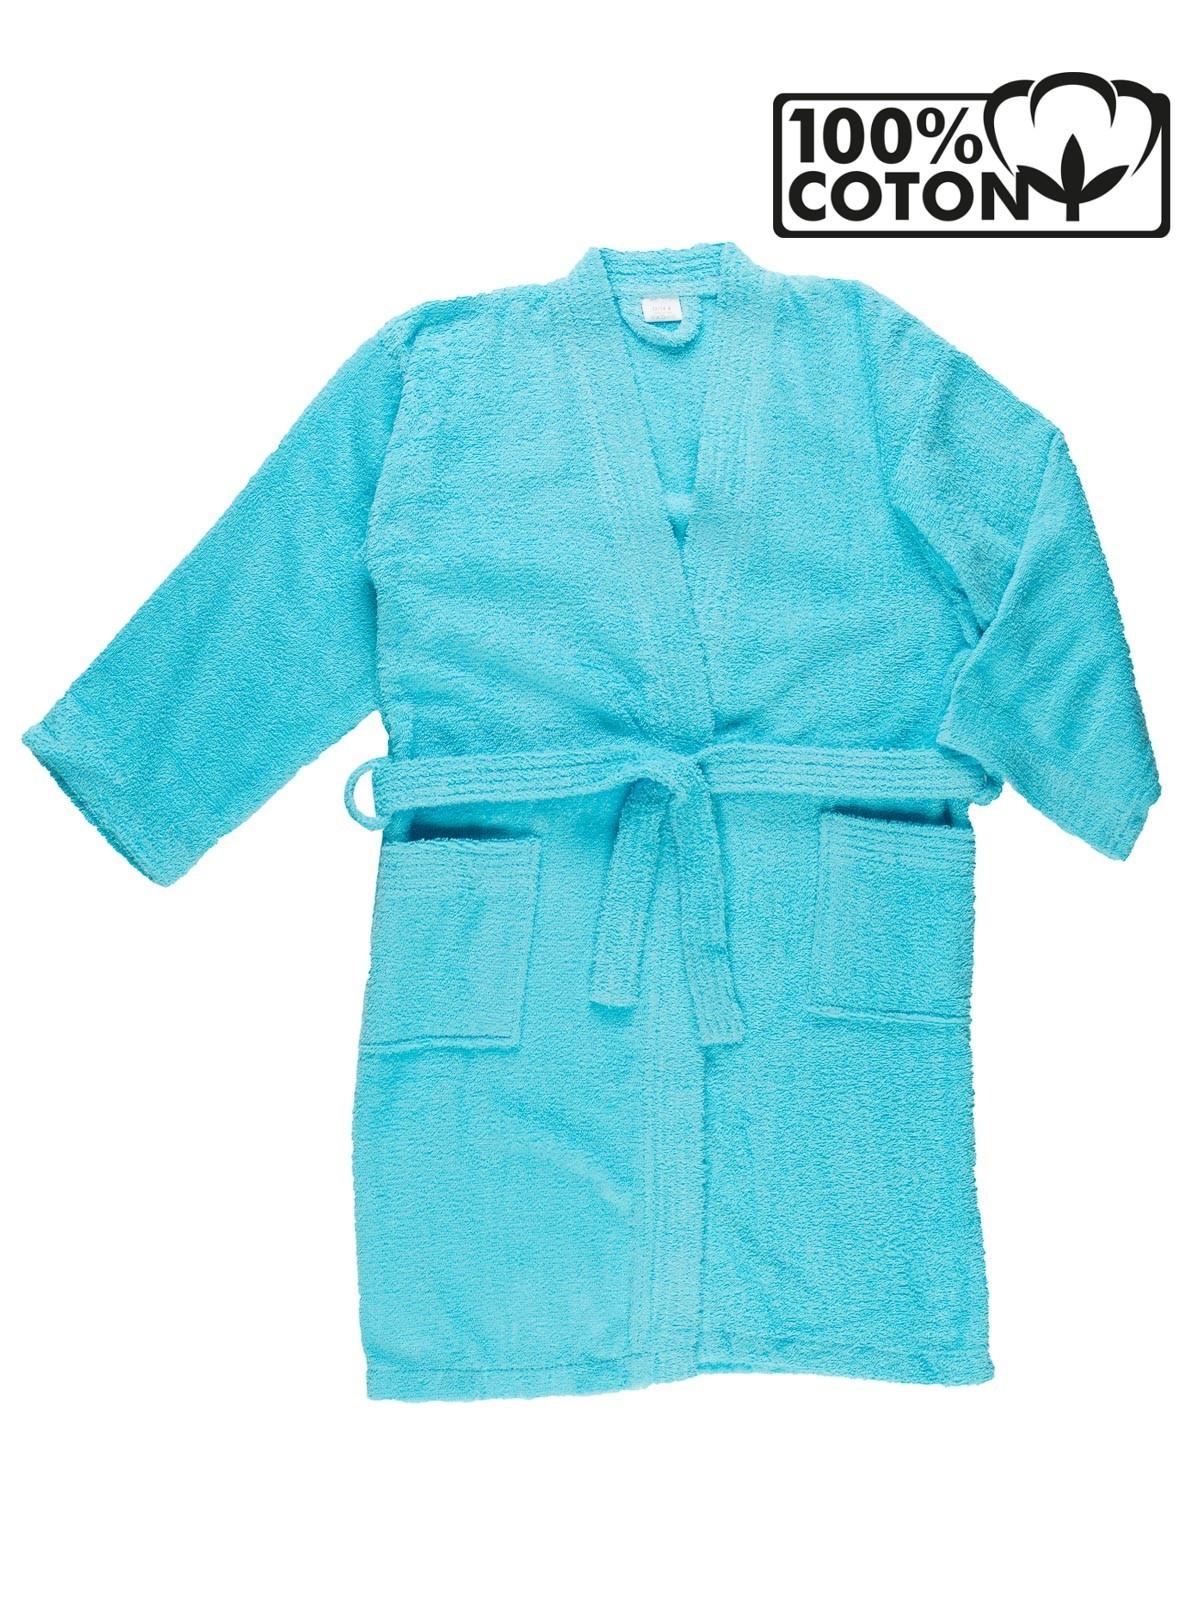 best deals on fashion styles the best Peignoir enfant 100% coton - DistriCenter